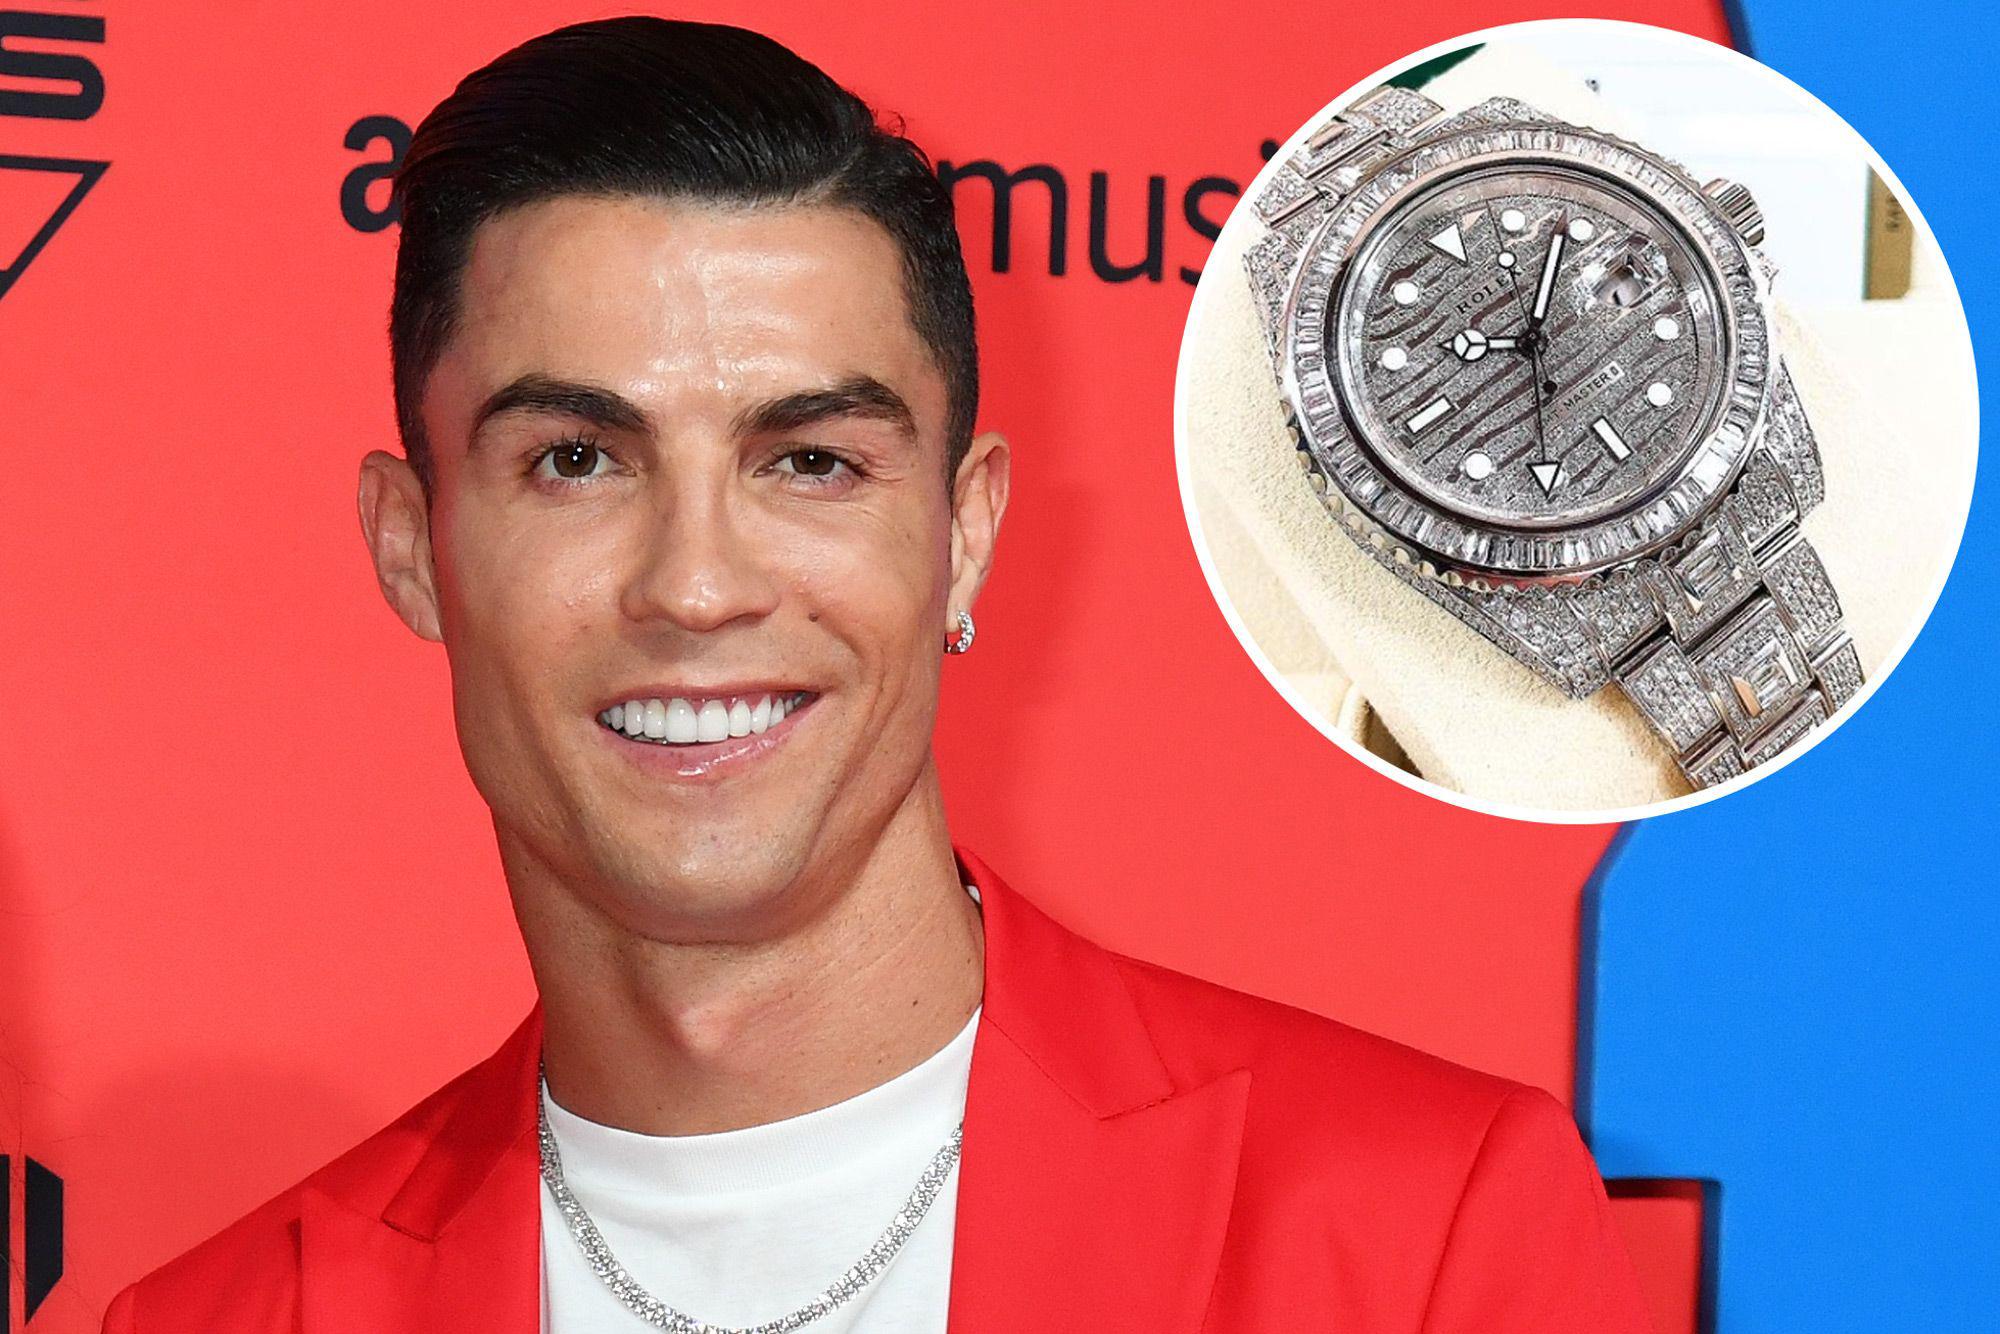 Khám phá bộ sưu tập đồng hồ triệu đô của Cristiano Ronaldo